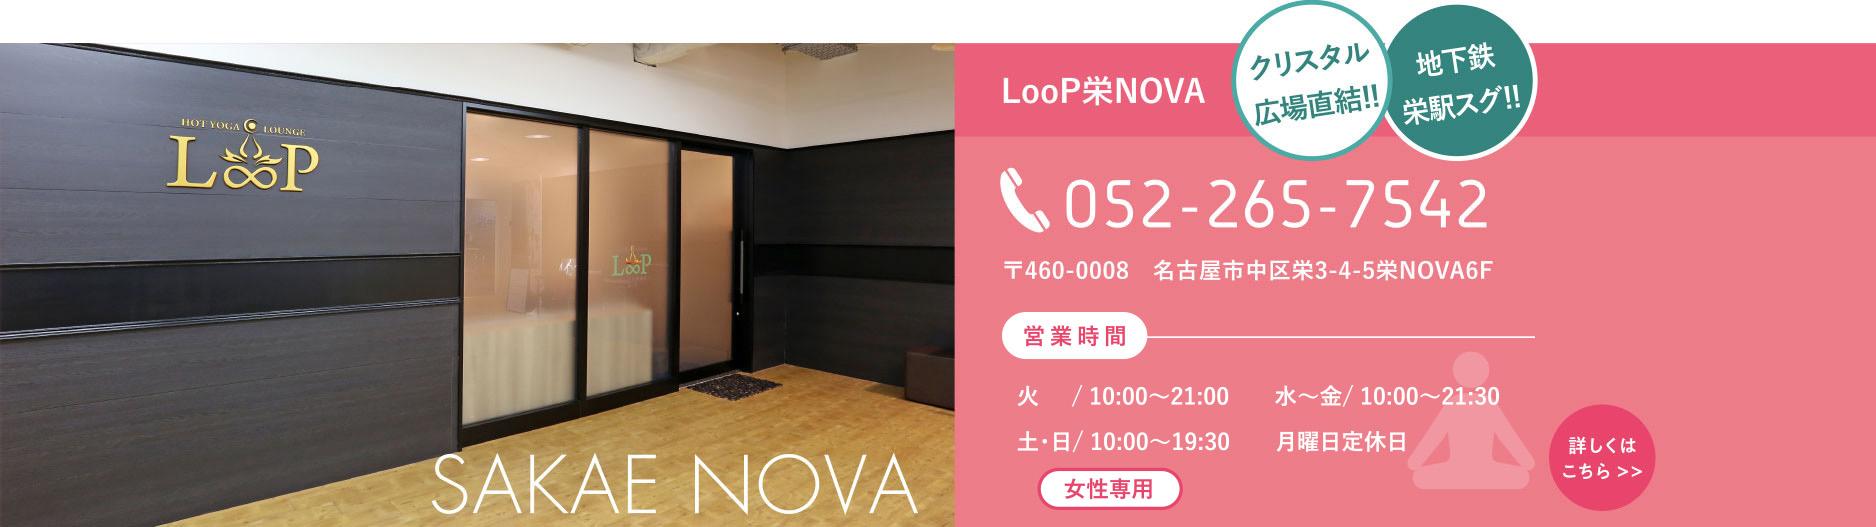 ループ栄NOVAの画像